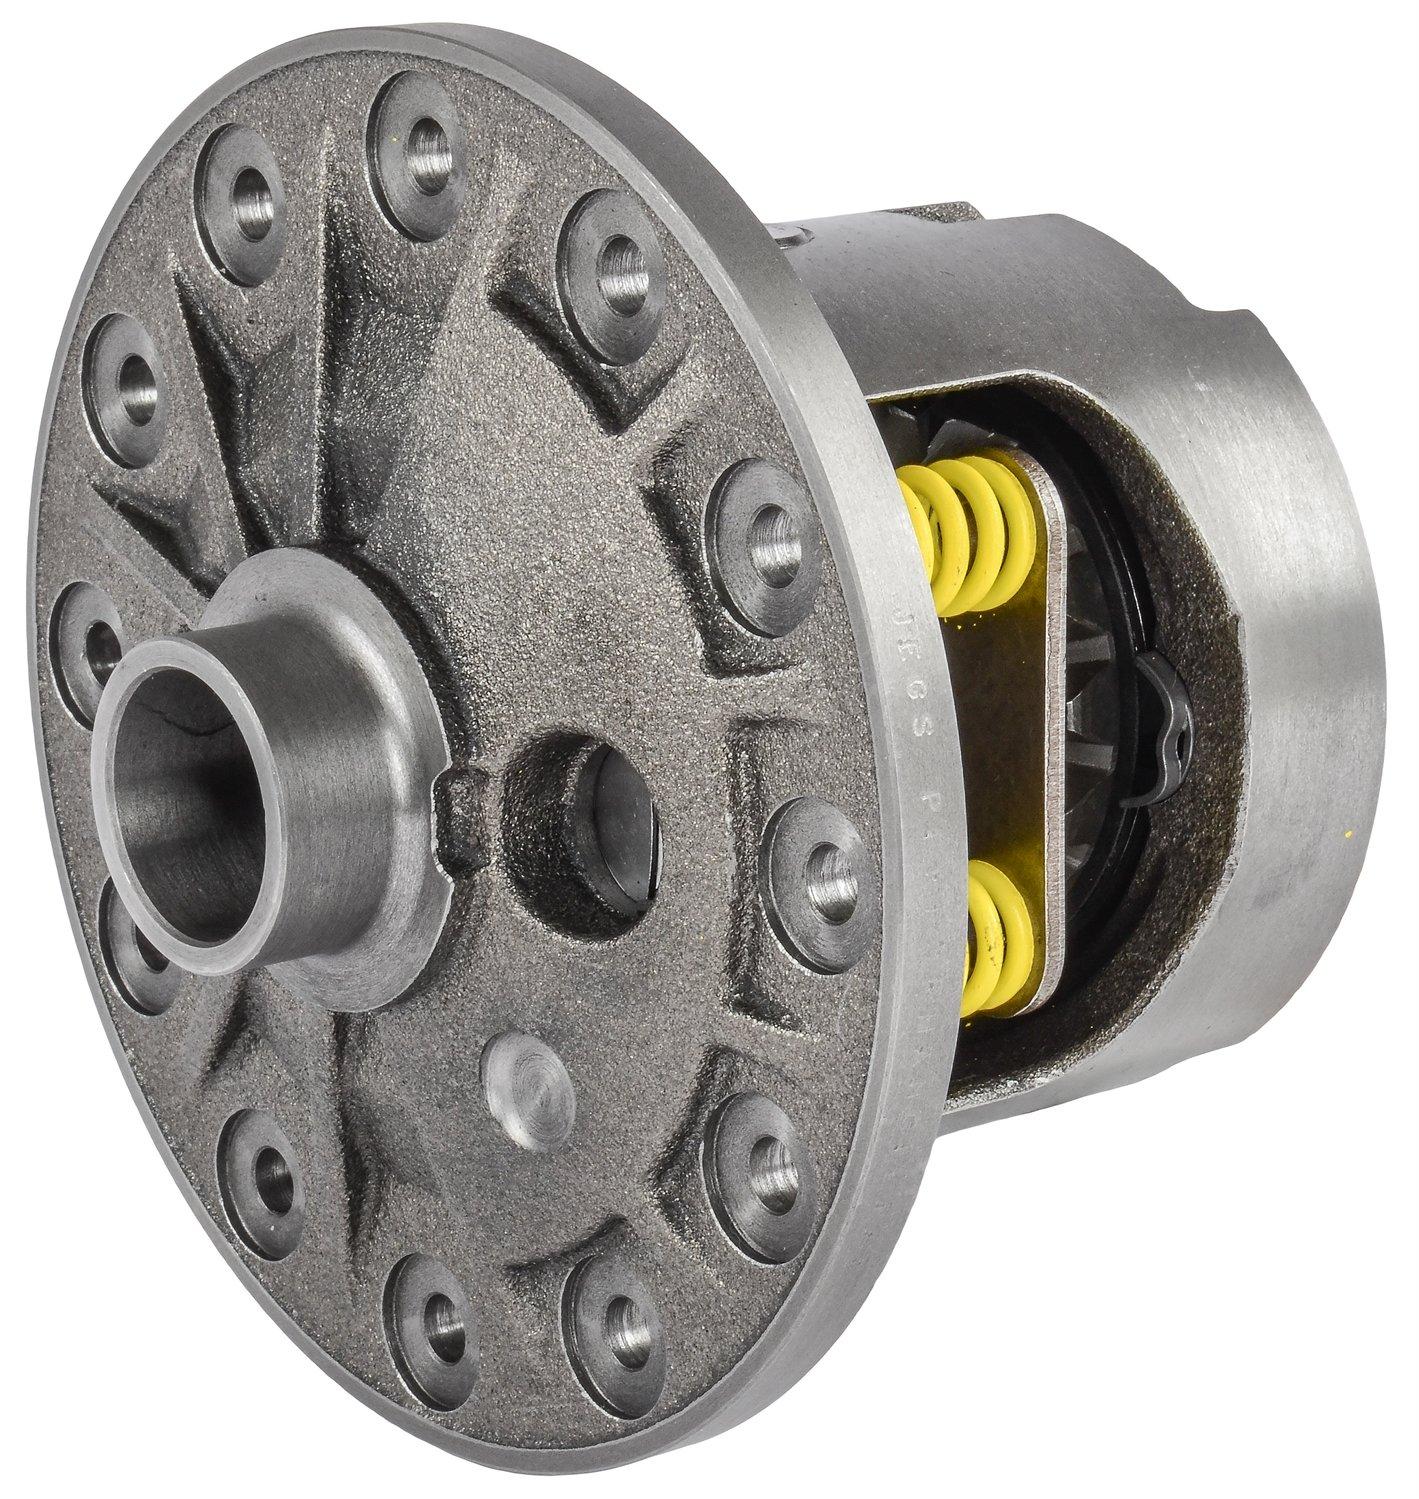 Strange Spool Fullsize 30 Spline Steel 4 Series GM 12-Bolt D1526